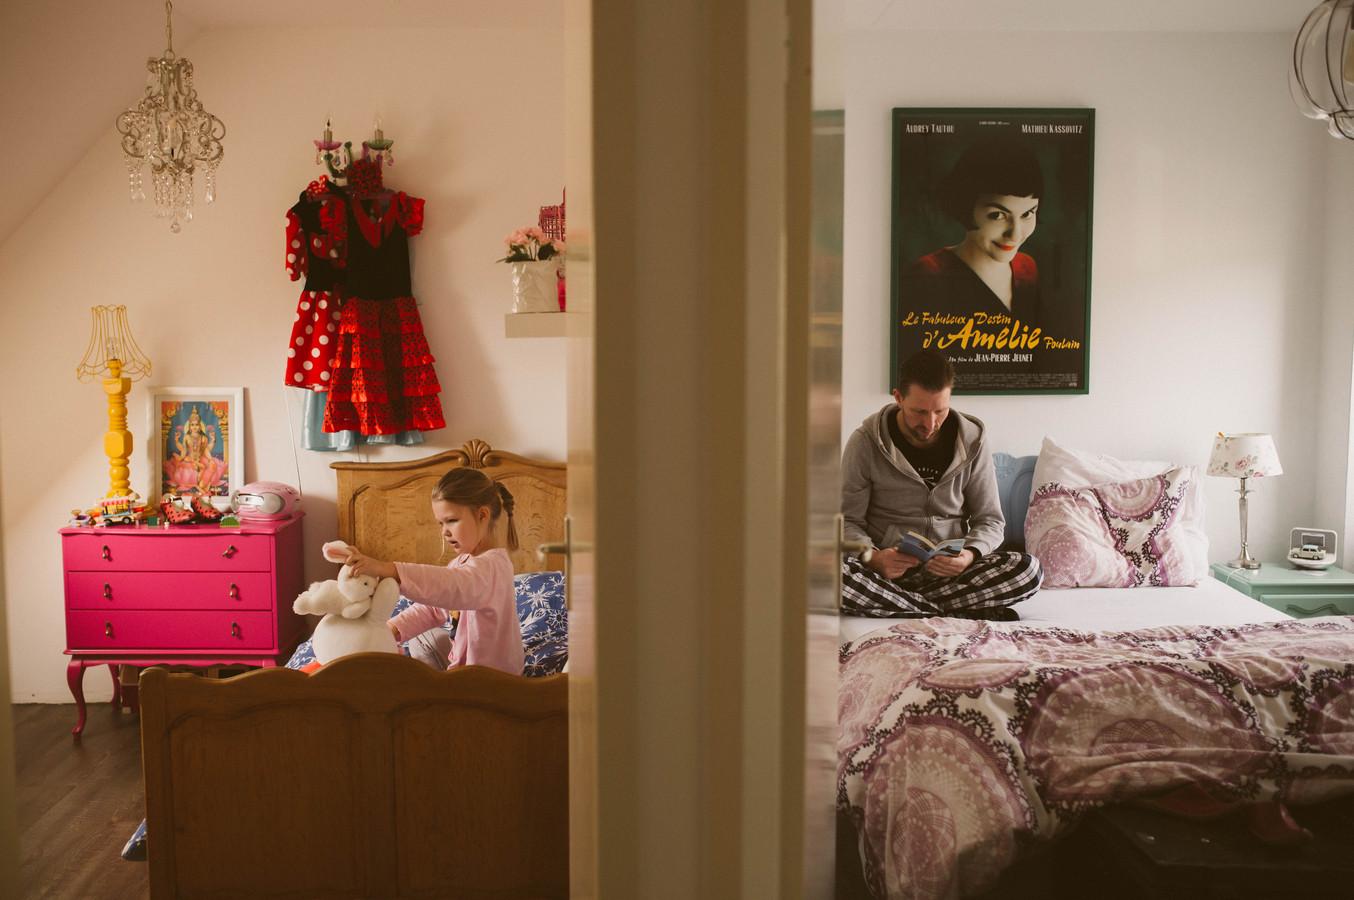 Een van de foto's van Kim Korsten, gemaakt in Brouwhuis